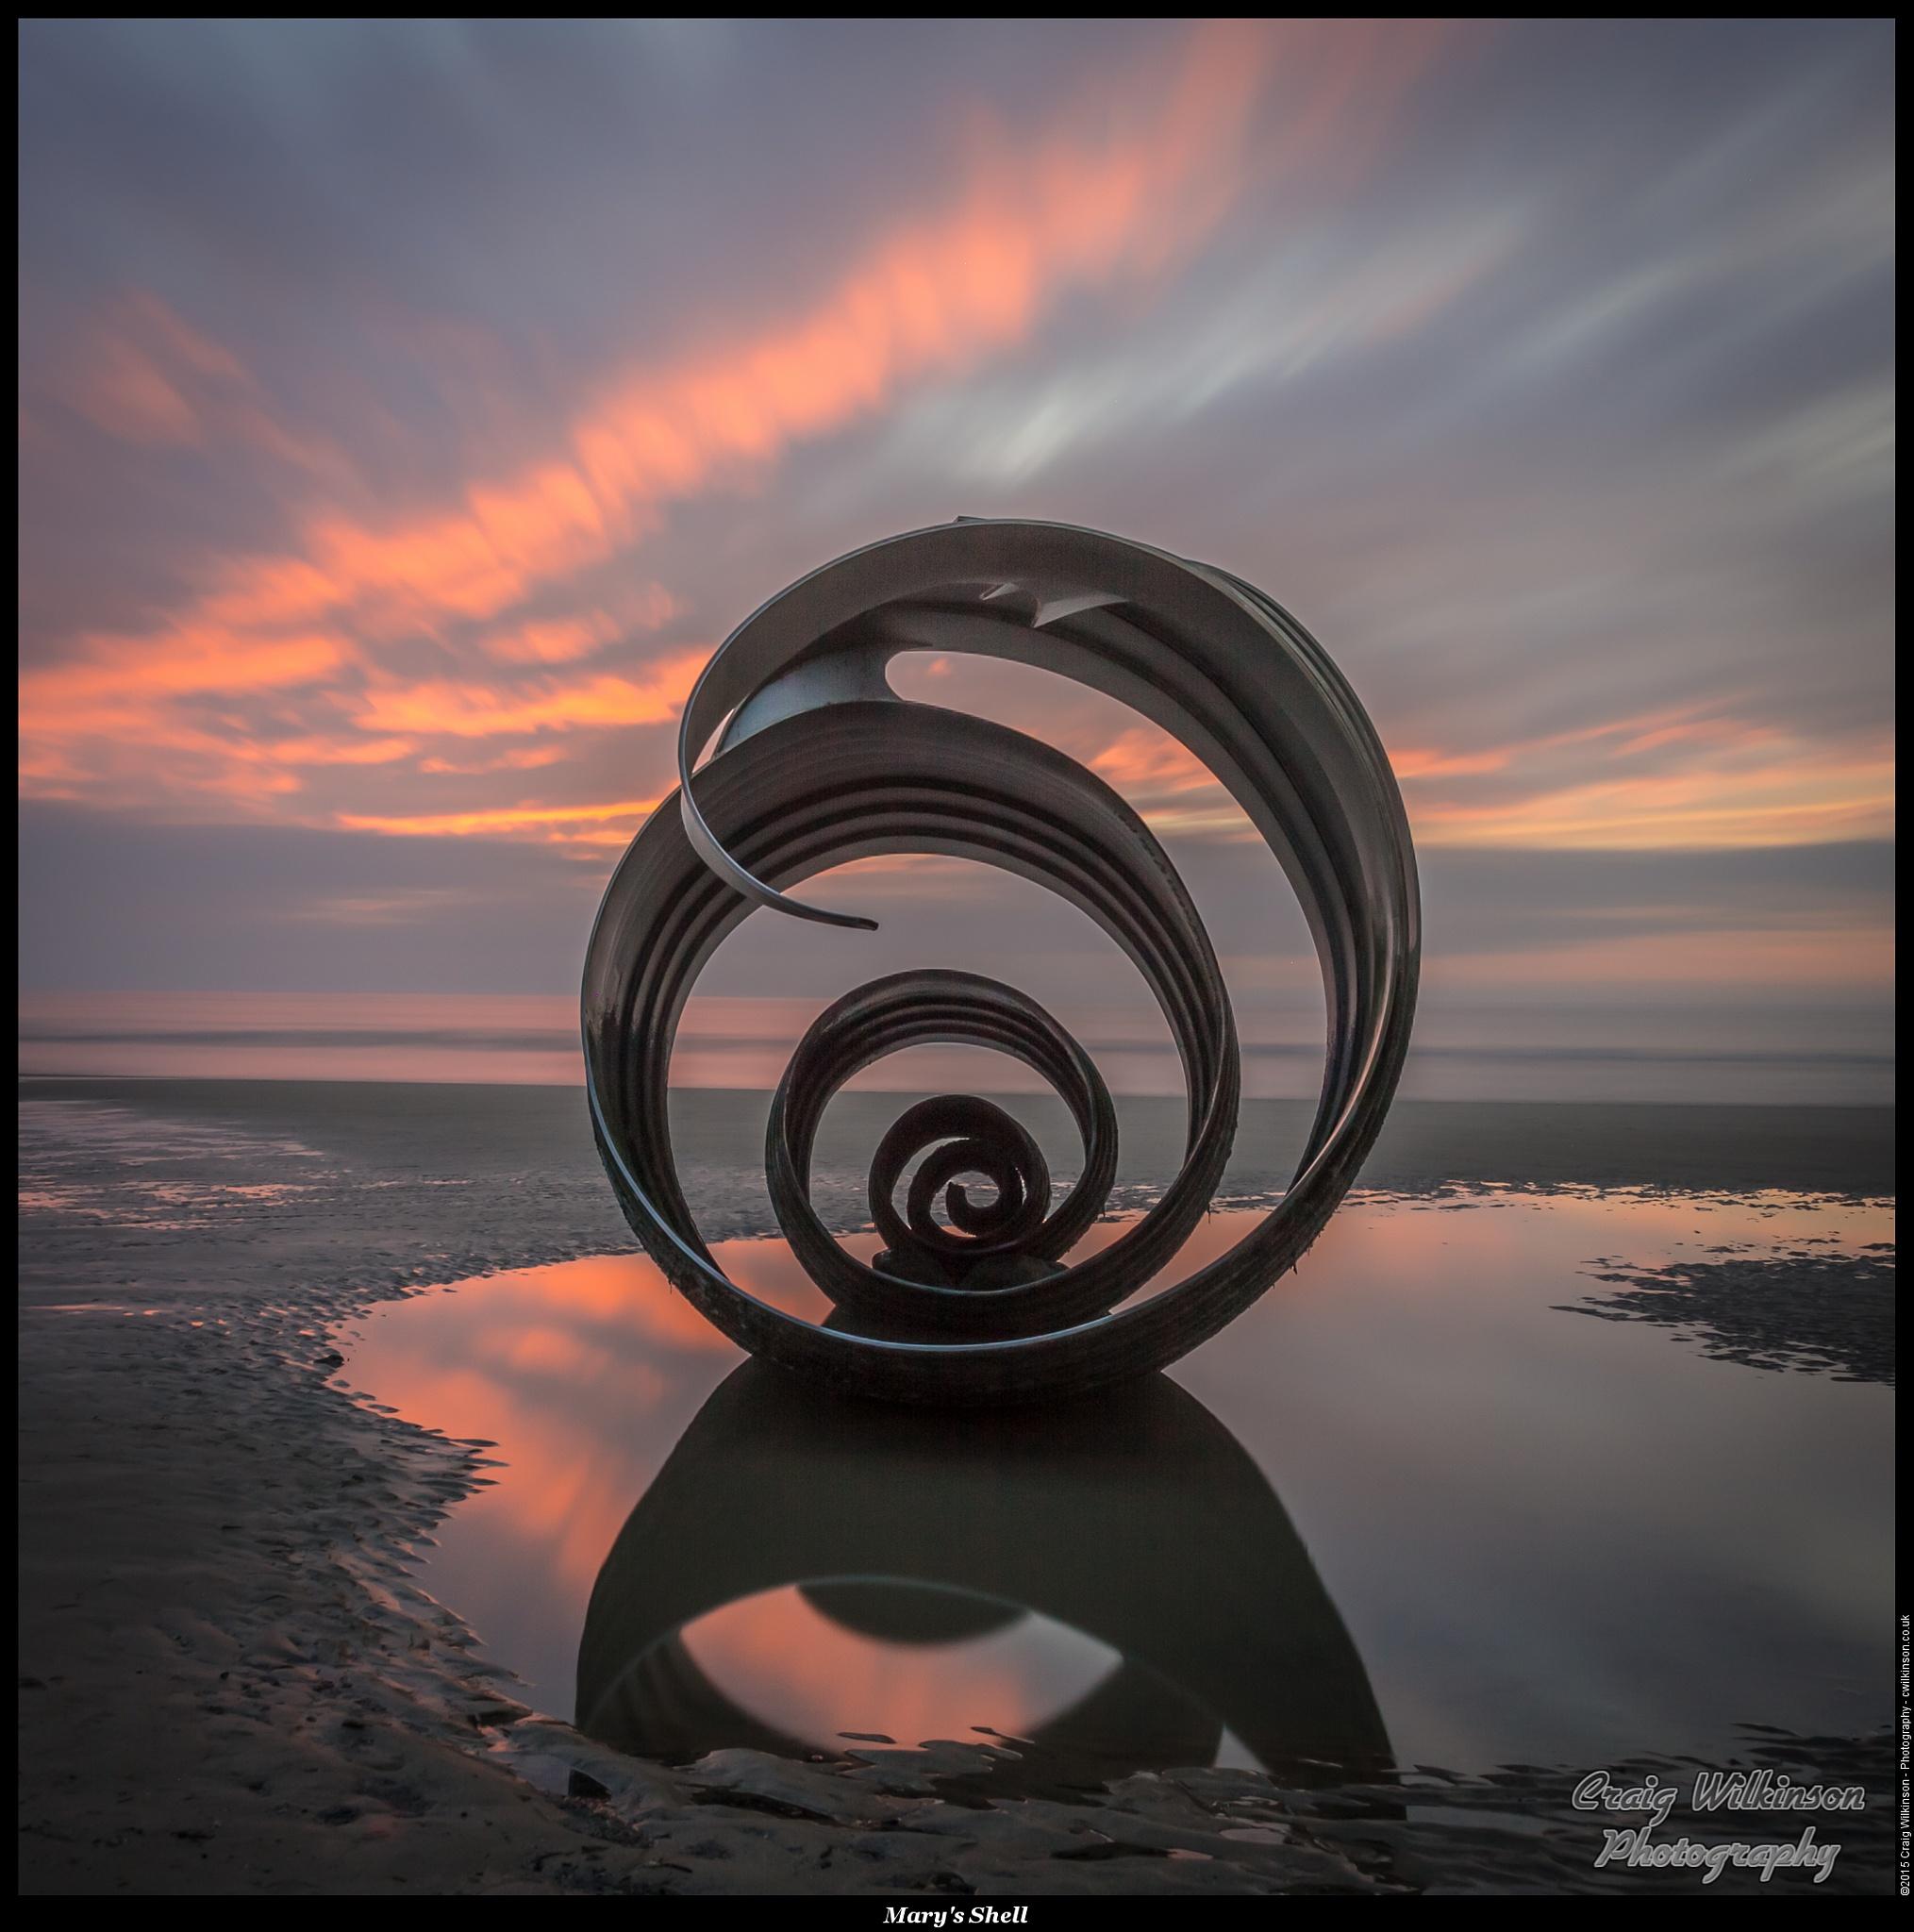 Marys' Shell #2 by Craig Wilkinson